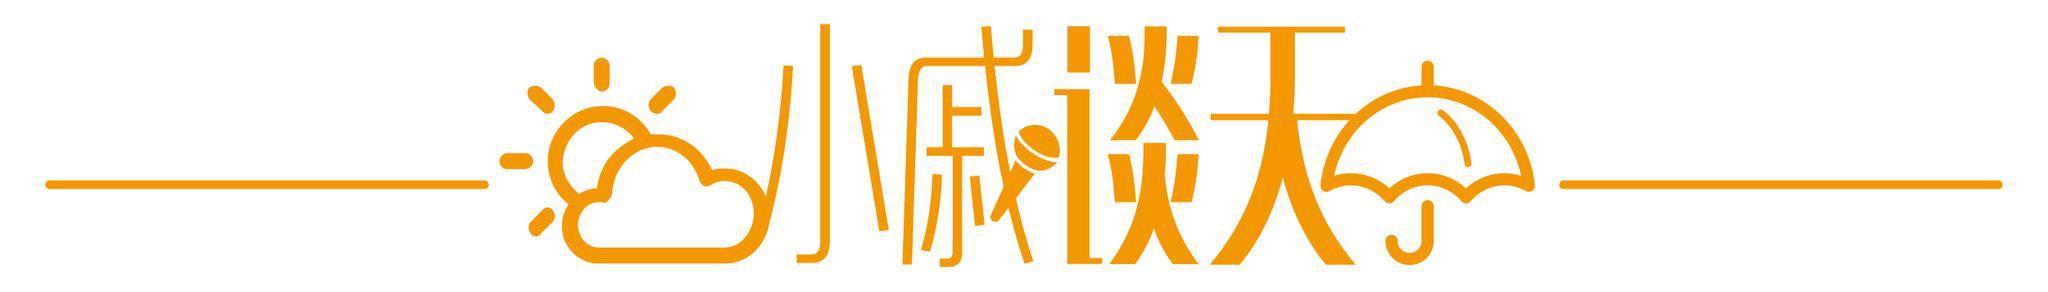 """台风赶工完成""""KPI"""":10月份生成数已偏多,第18号台风如何影响上海?"""